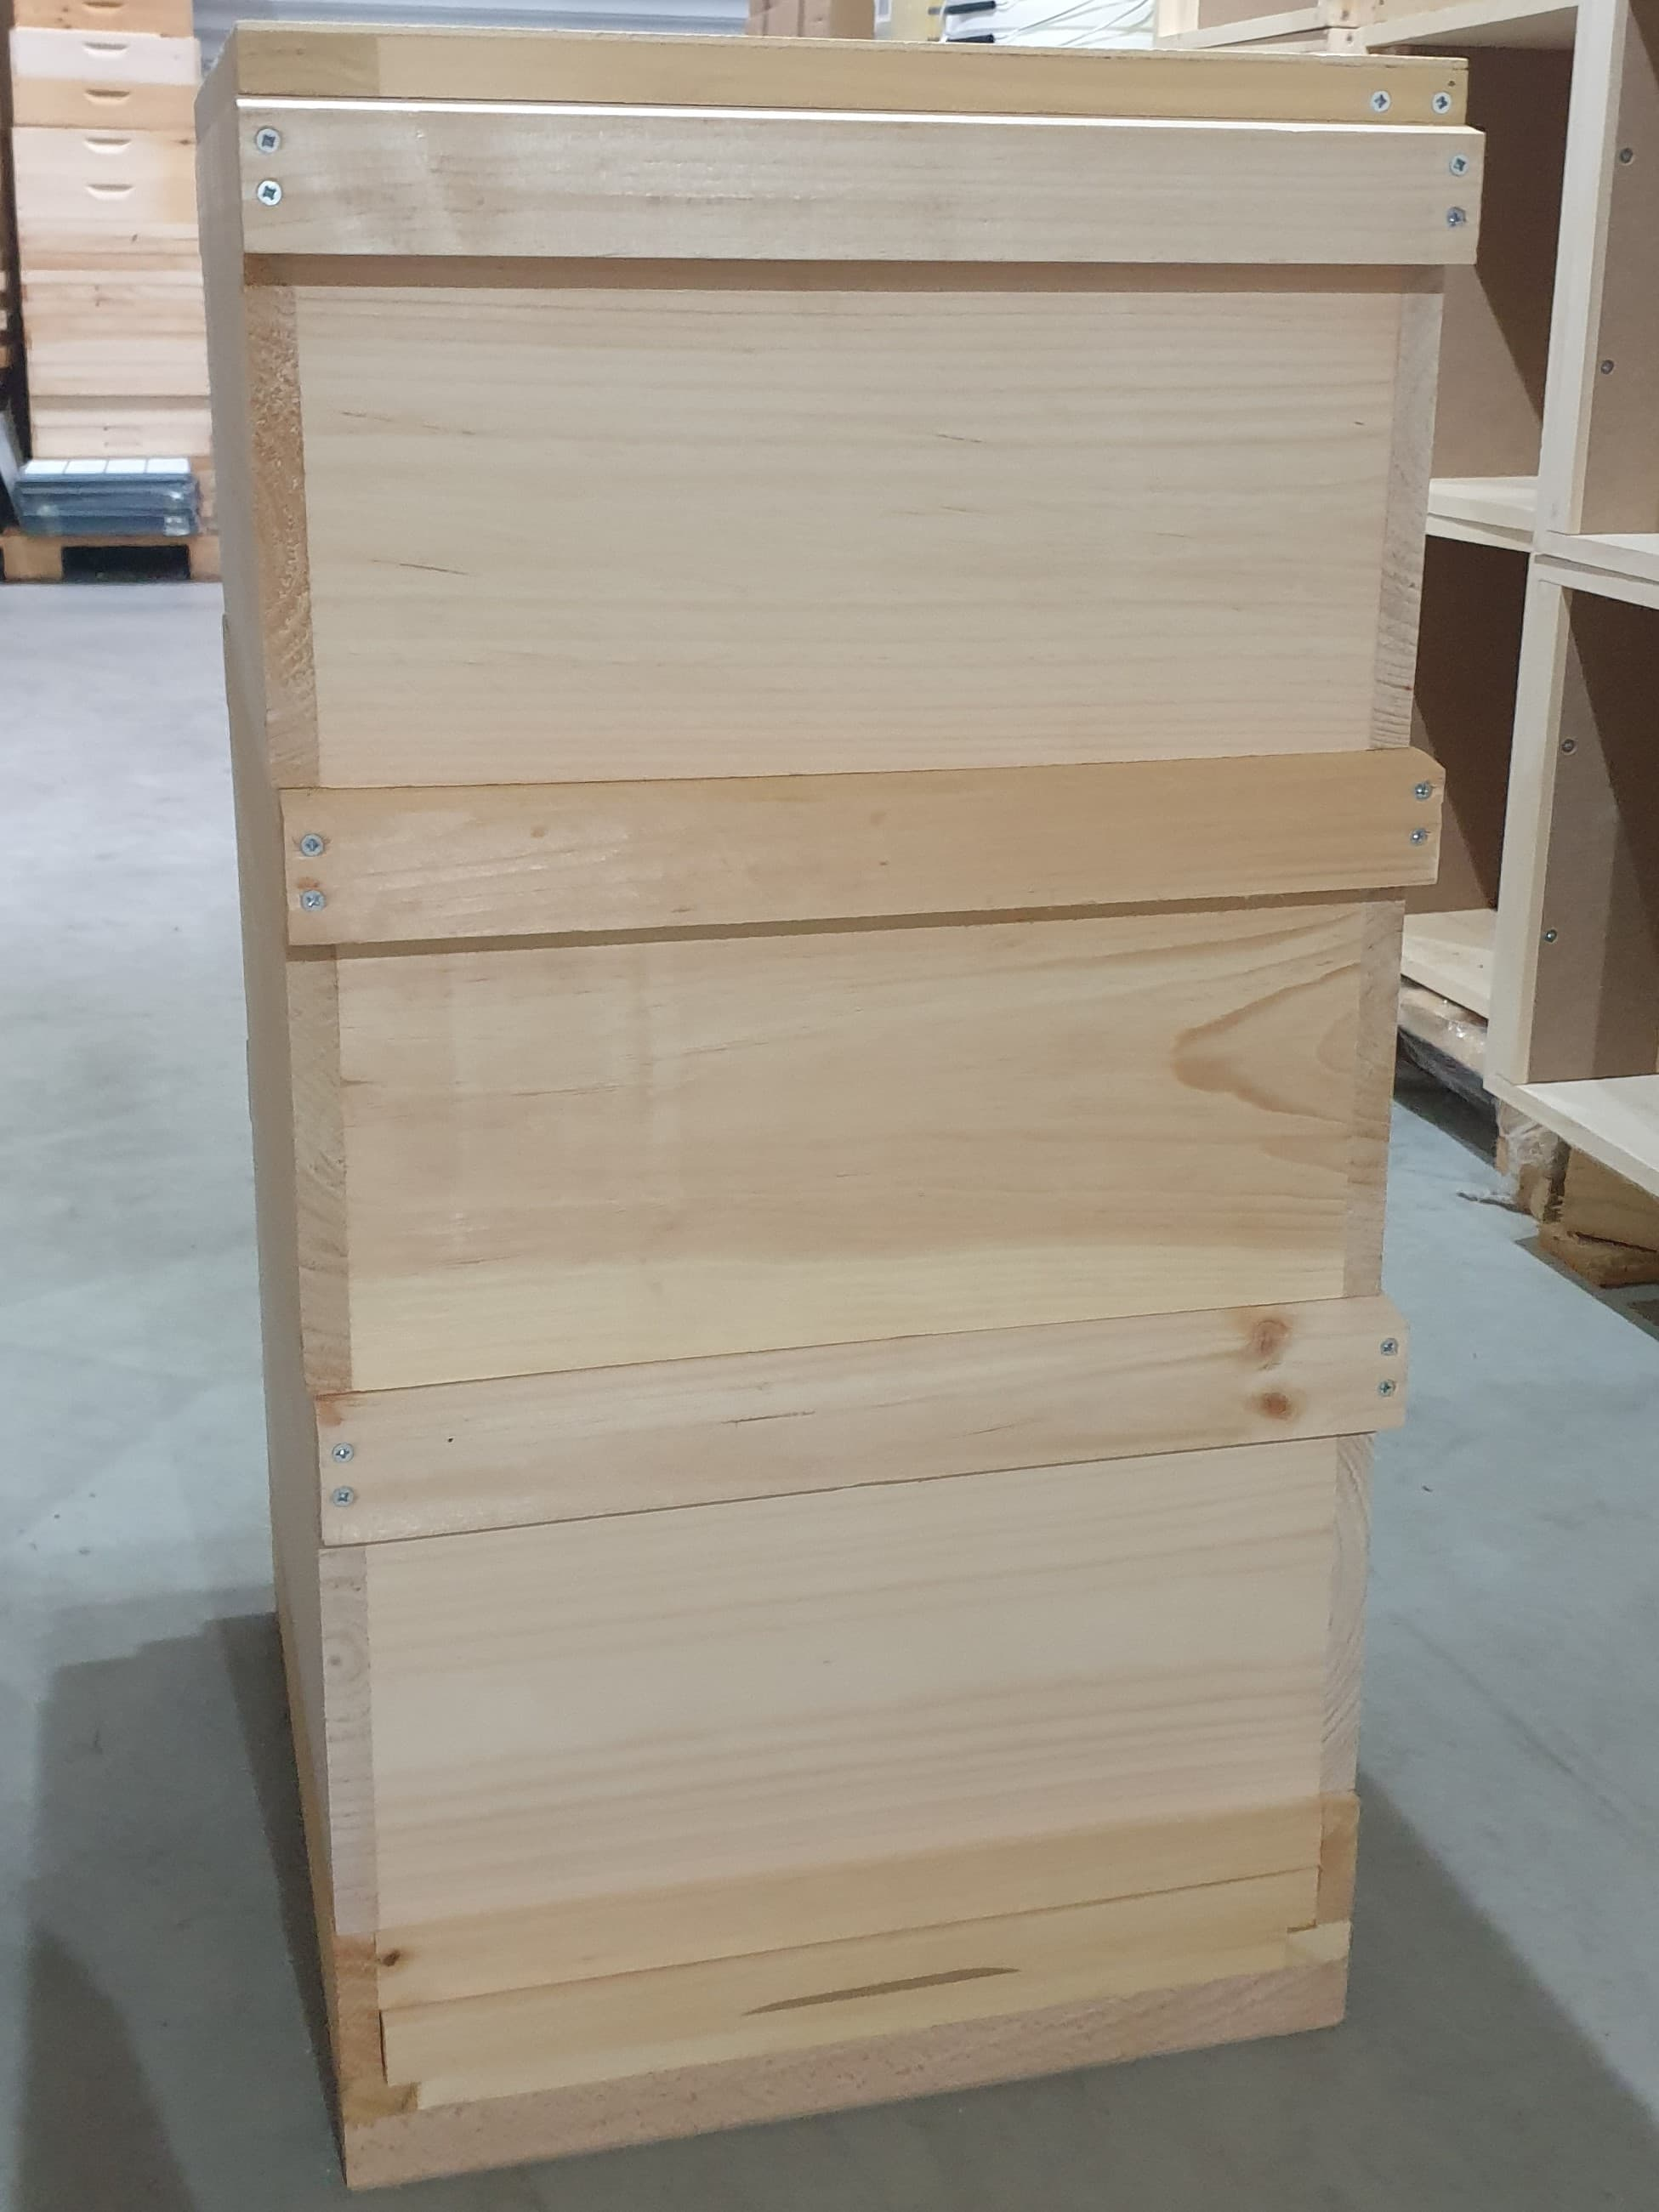 Holzbeute Herold kompl. 3 Zargen, Boden, Varroaschieblade und Deckel